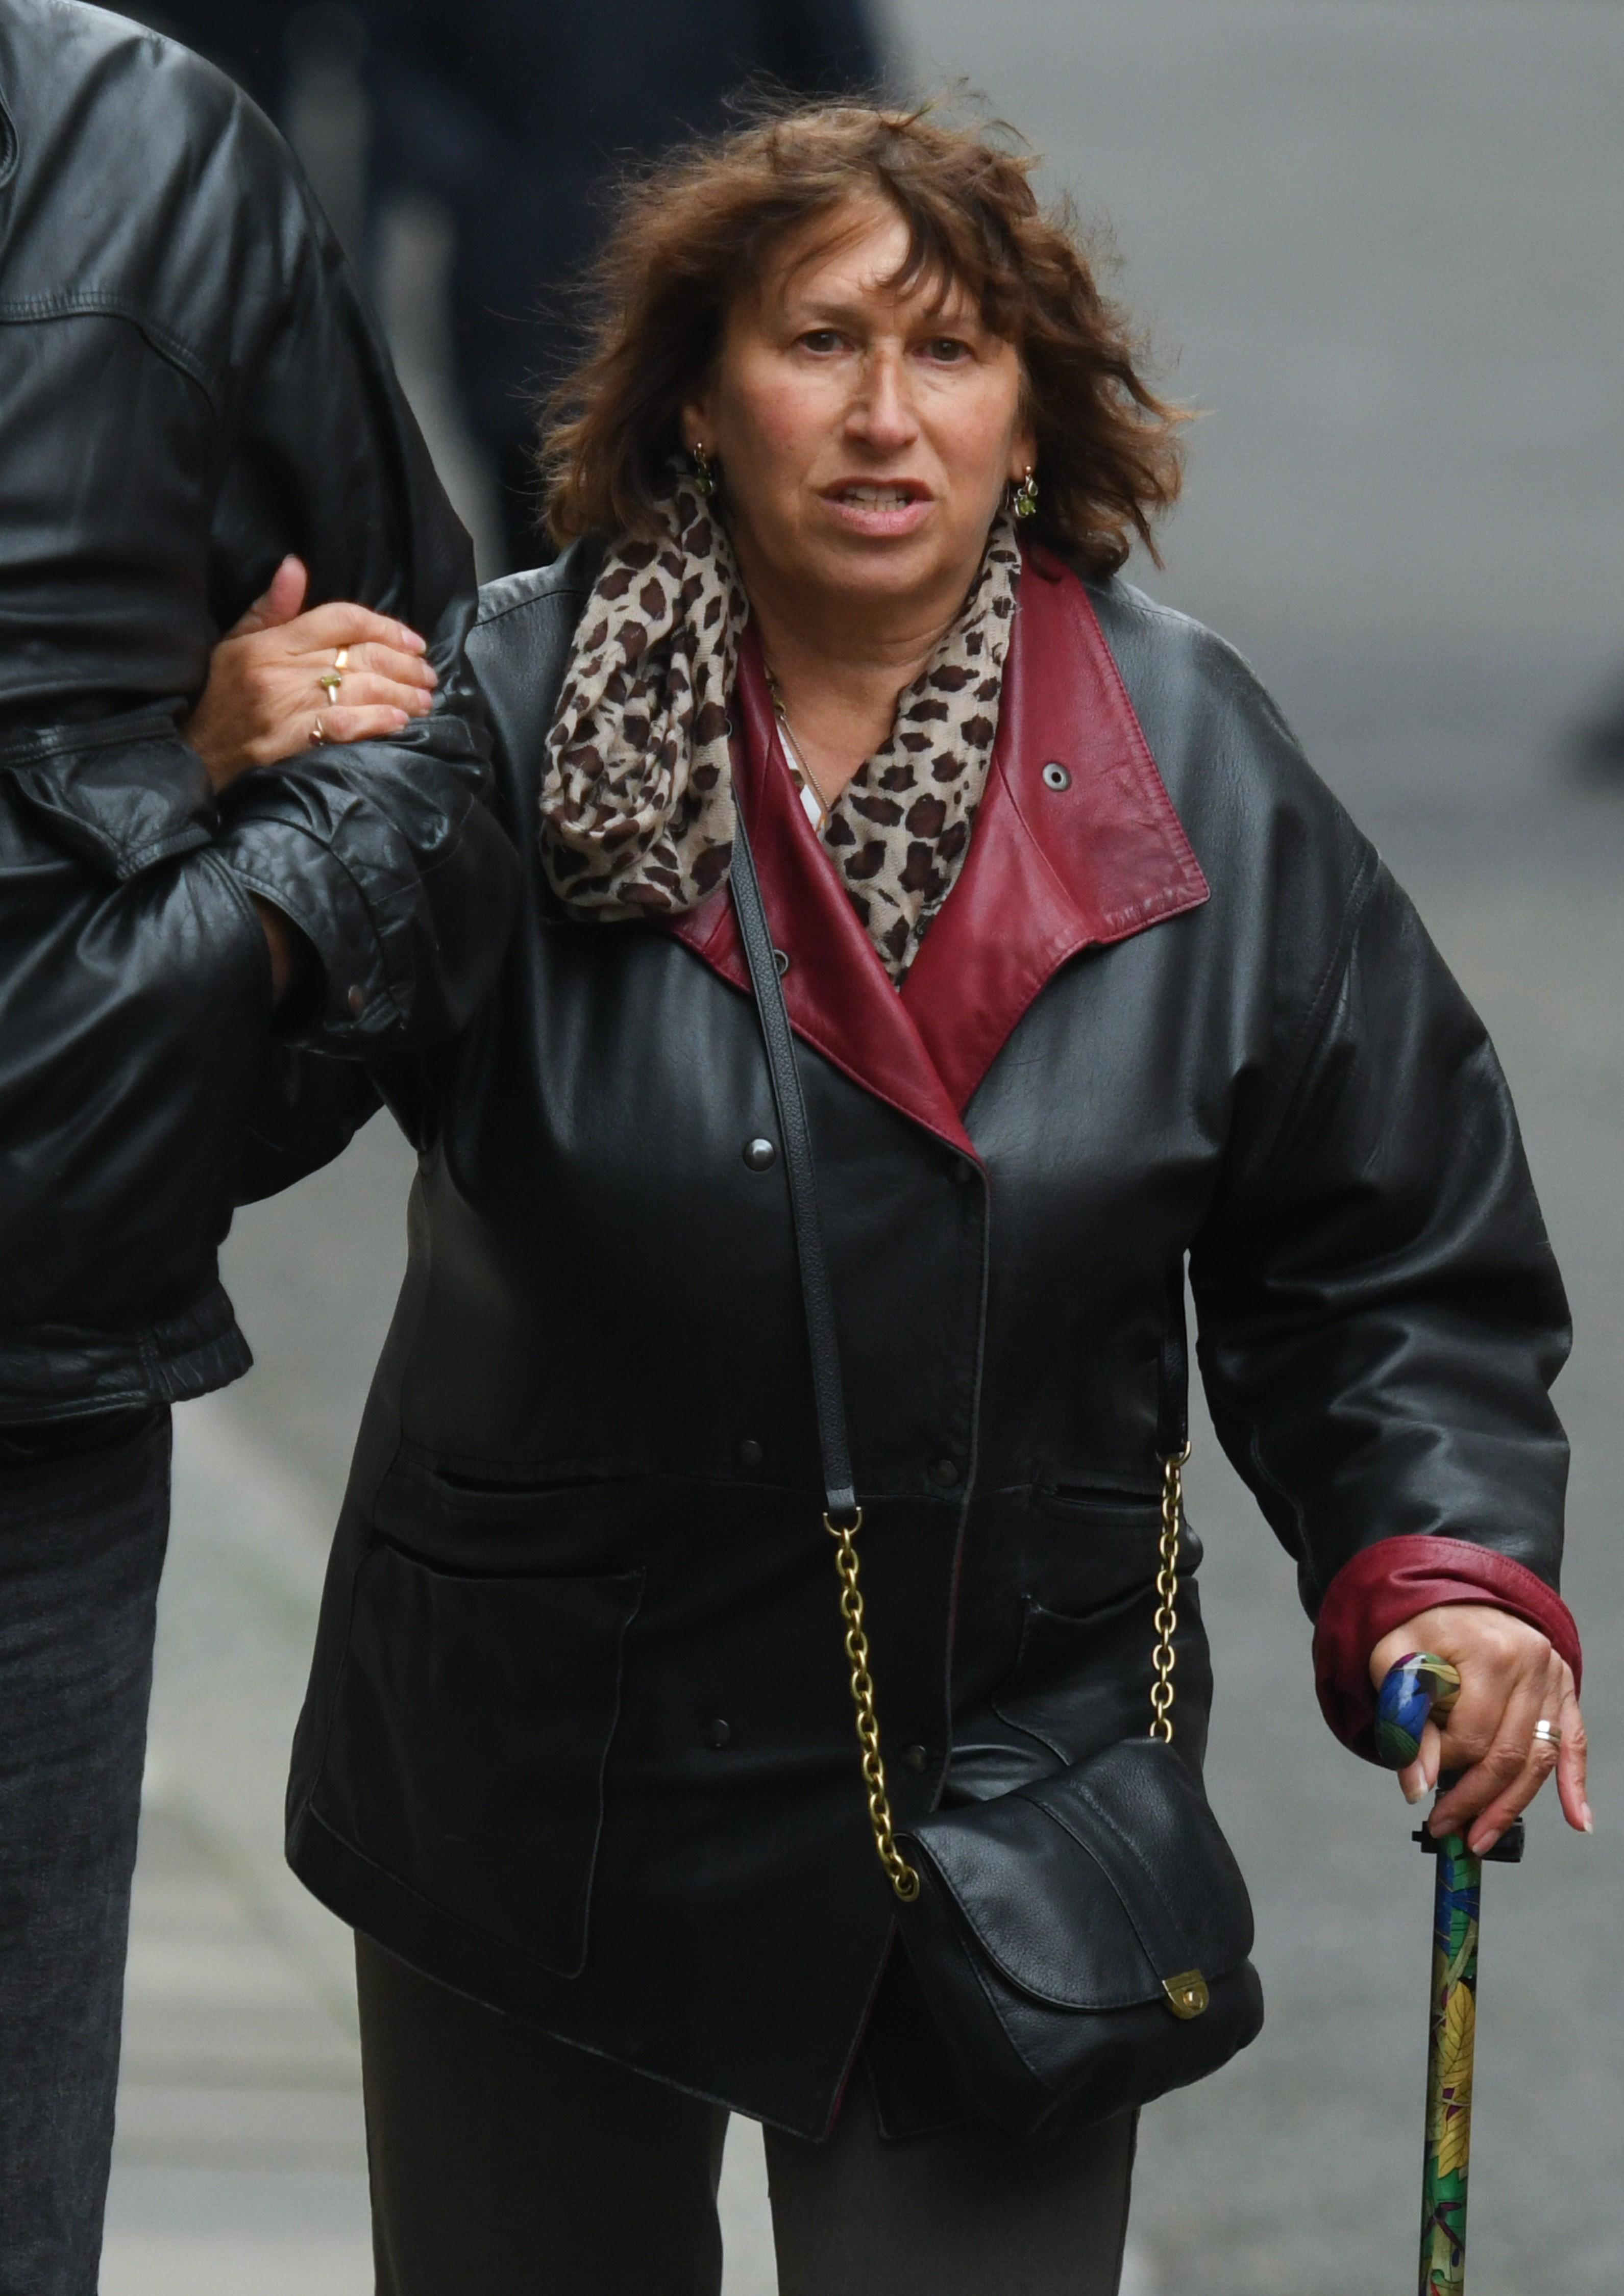 Janis Winehouse, mãe de Amy Winehouse (1983-2011) caminhando pelas ruas de Londres em foto de janeiro de 2020 (Foto: Getty Images)